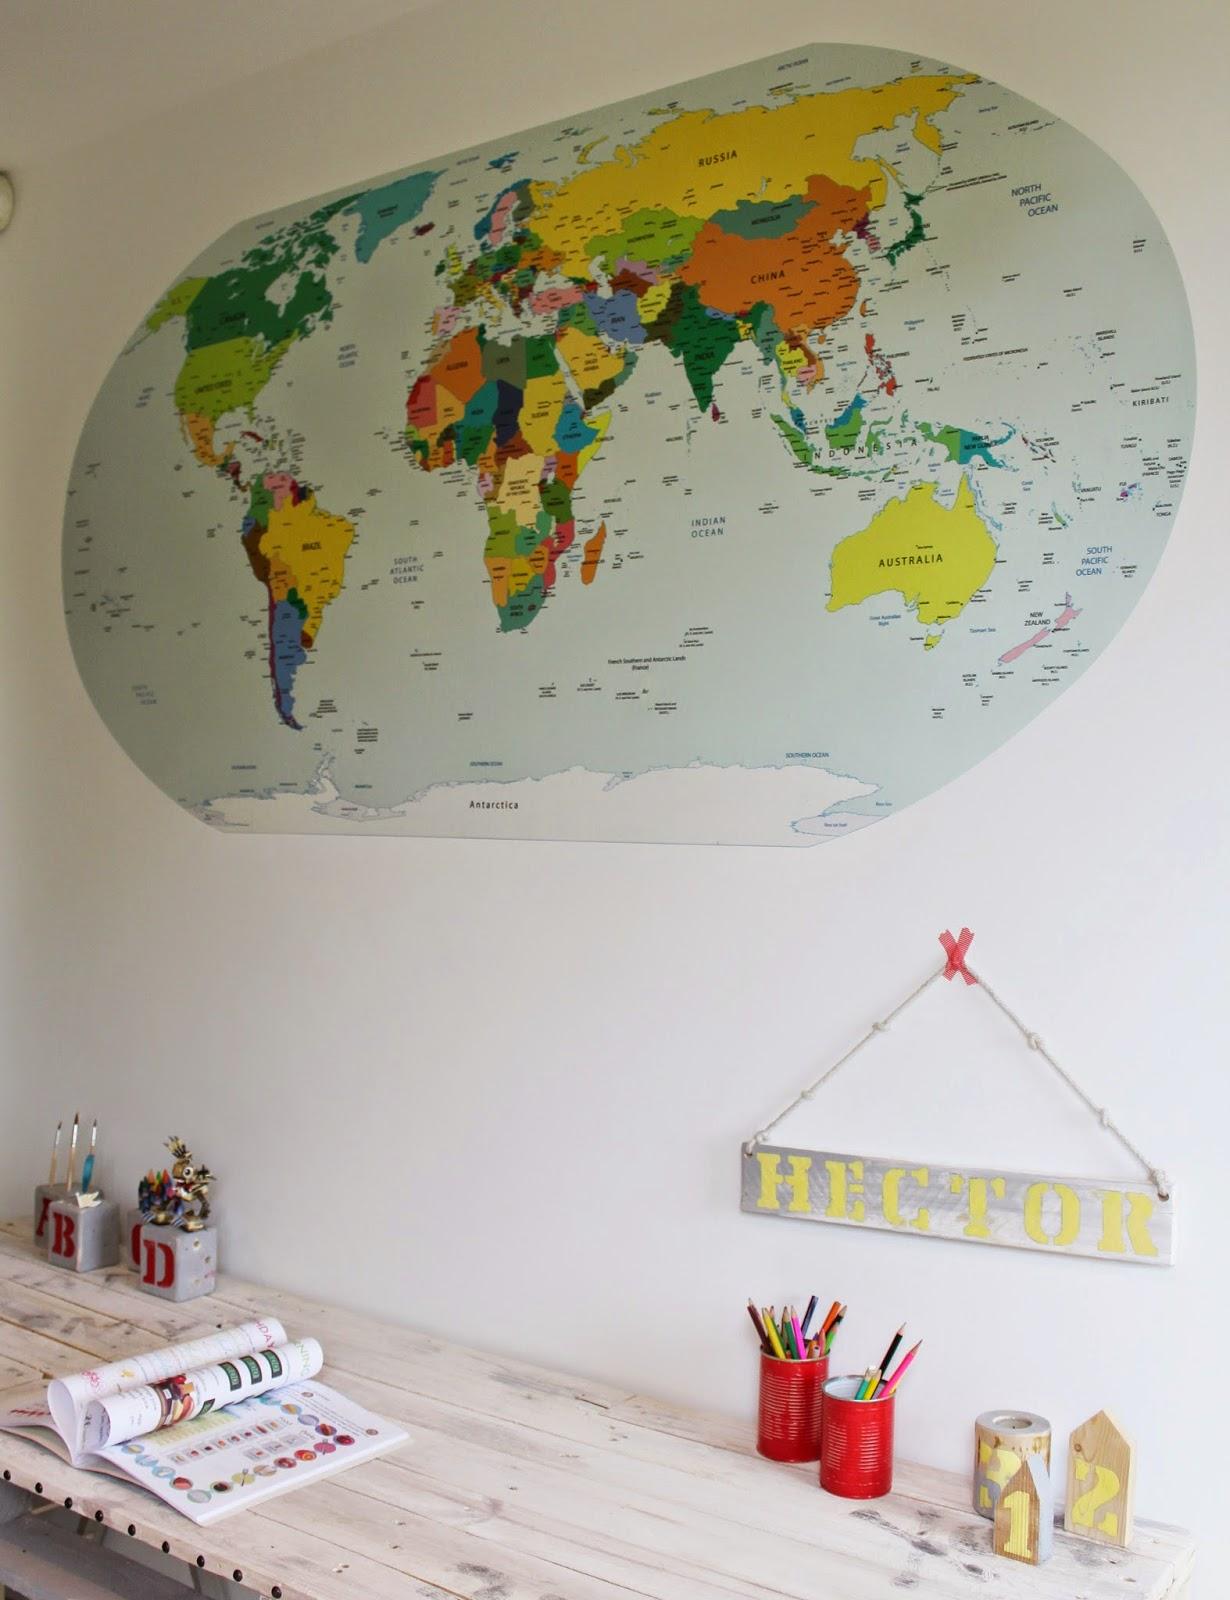 naklejka ścienne mapa świata,jak wyglądają naklejki ścienne,matowa naklejka mapa,blog wnętrza DIY,tutoriale na blogu,biurko z palet